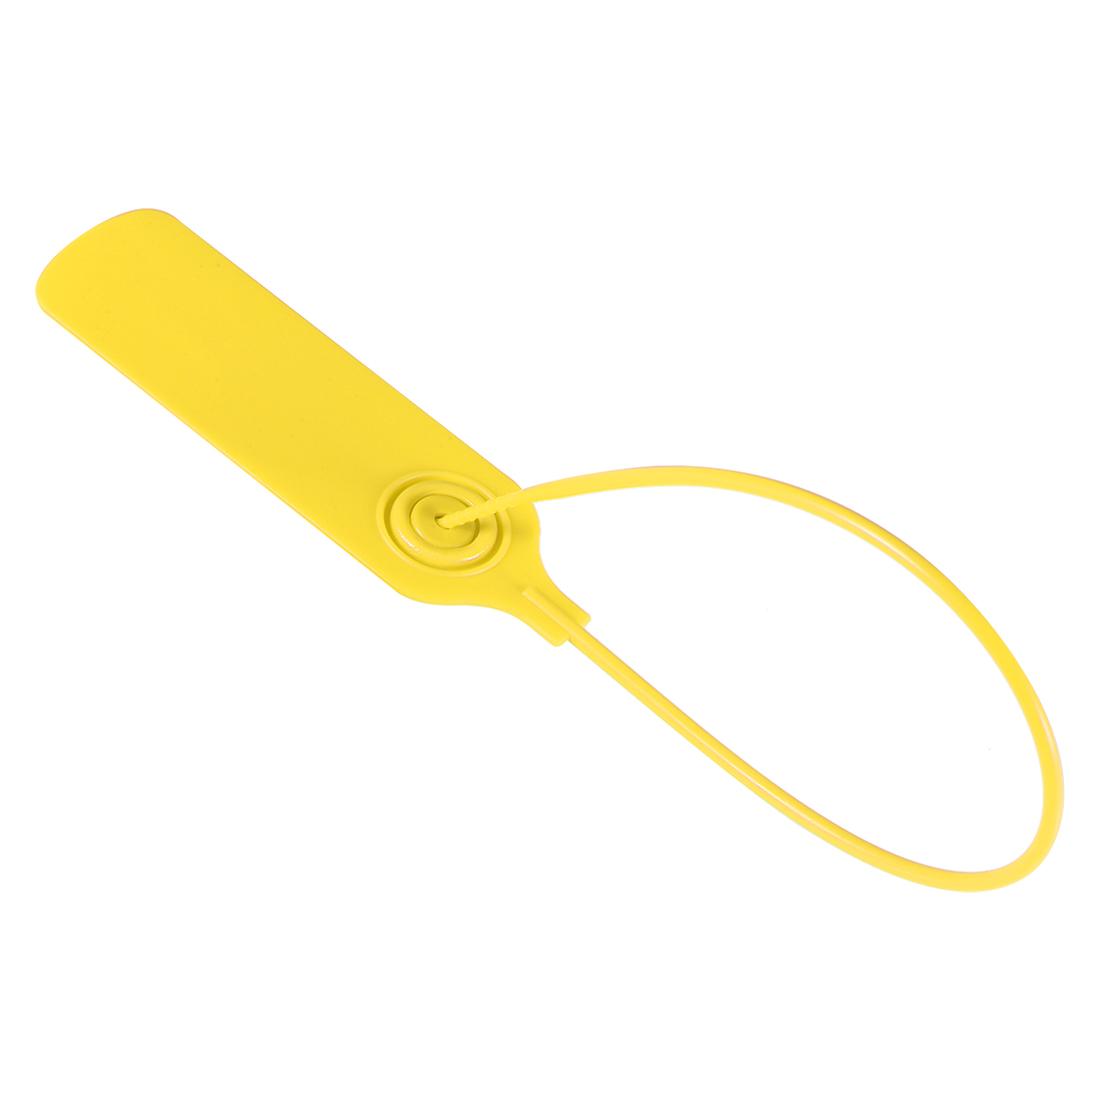 Plastic Zip Ties Seals Anti-Tamper 300mm Length, Yellow, Pack of 20